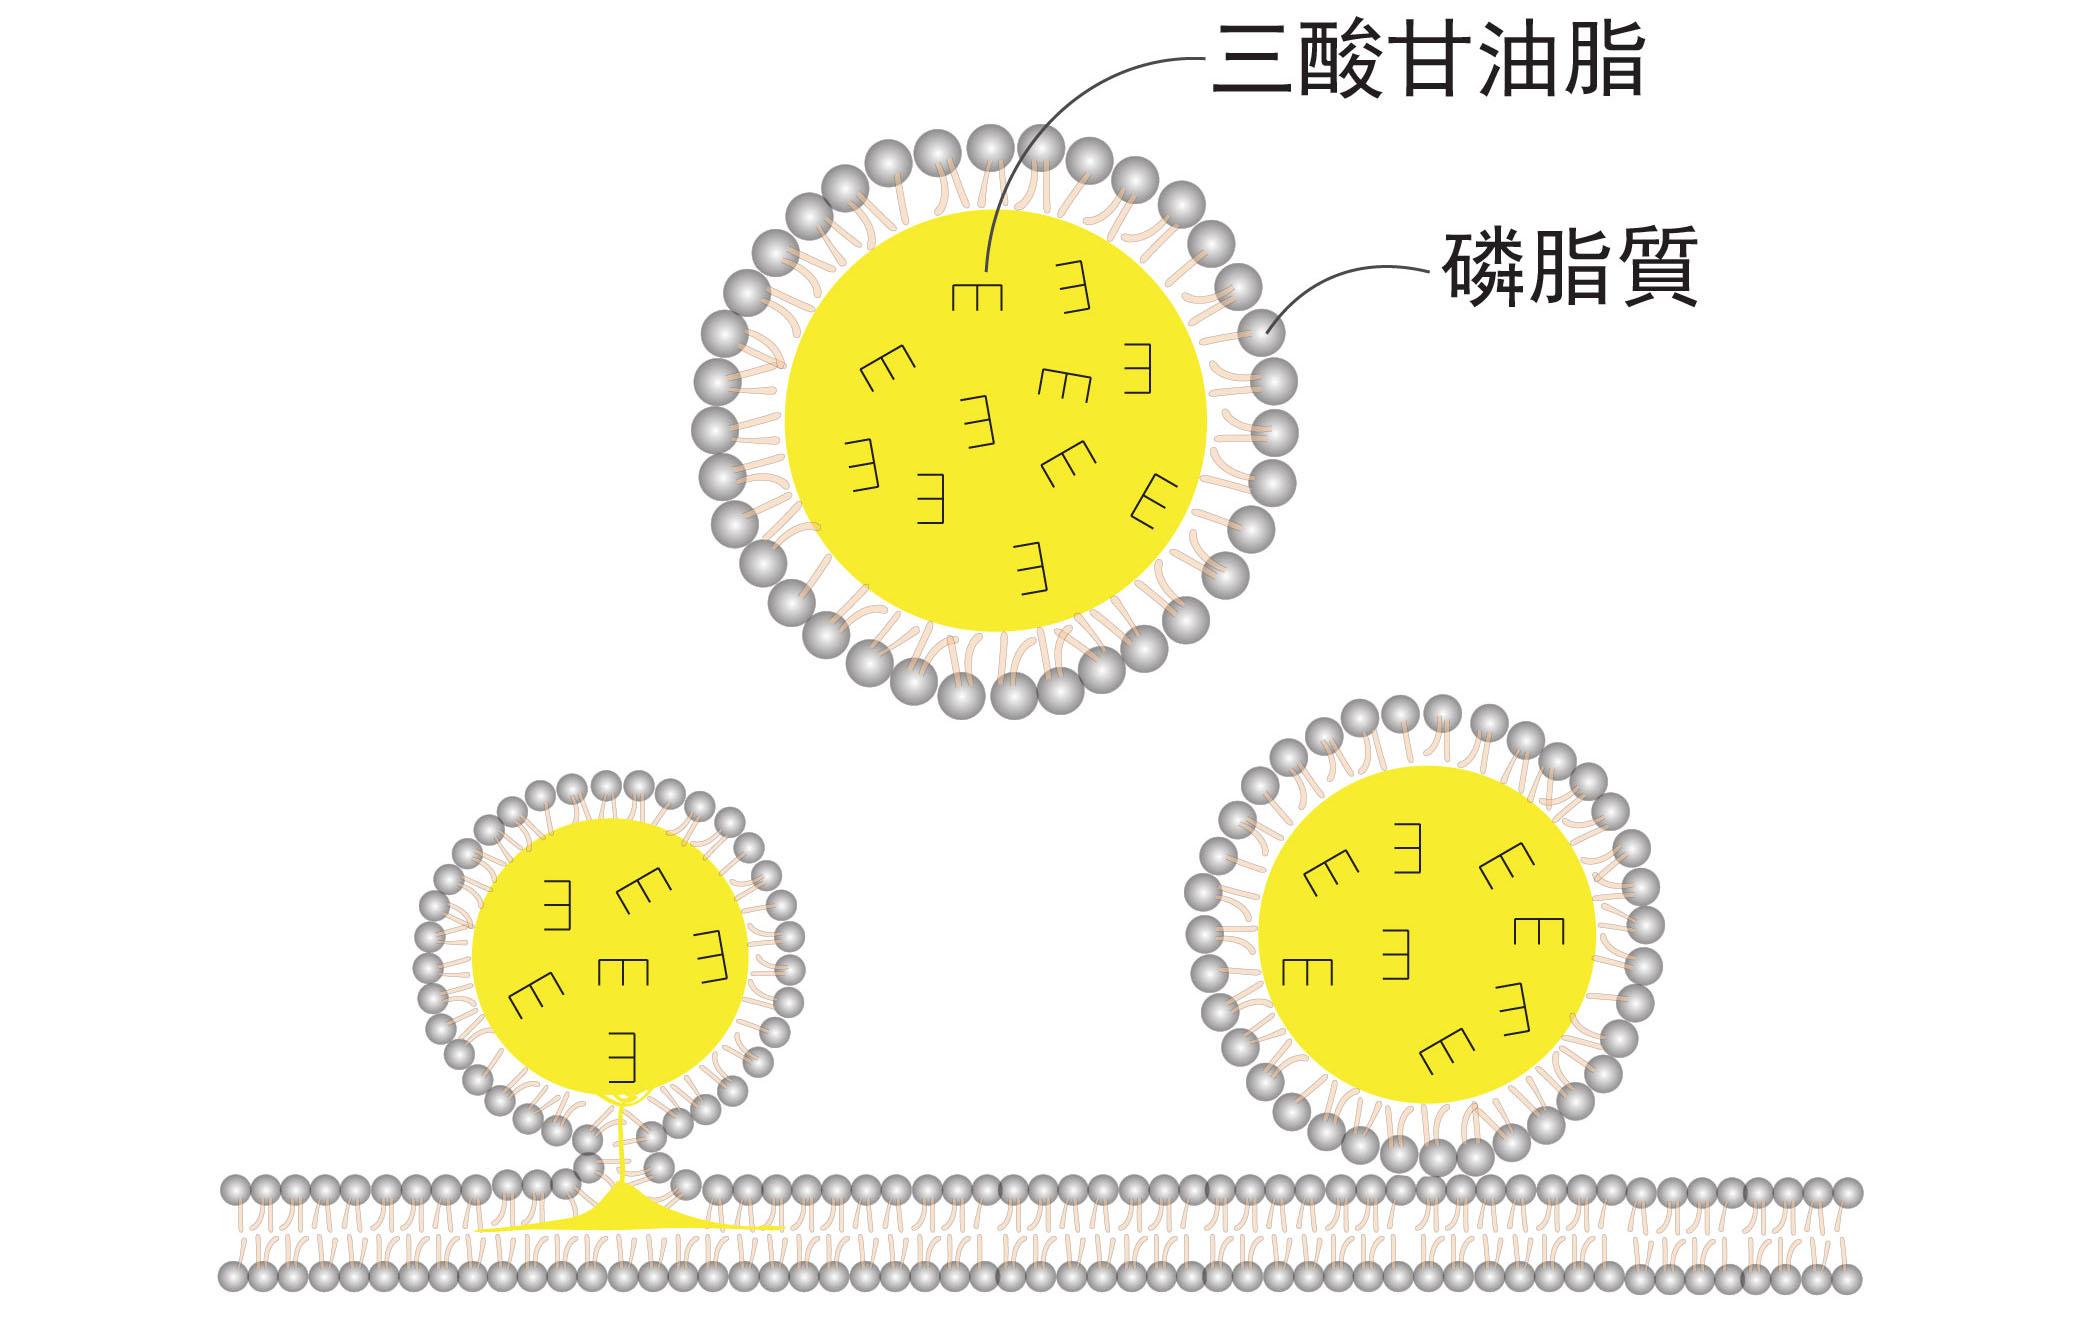 油滴的基本構造,就是一個脂肪球。外面一層膜由「磷脂質」組成,裡面包裹主要是類似「三酸甘油脂」之類的中性脂肪。油滴是從細胞中的內質網生成的,它在細胞中的大小並不一致。 圖片來源│王昭雯